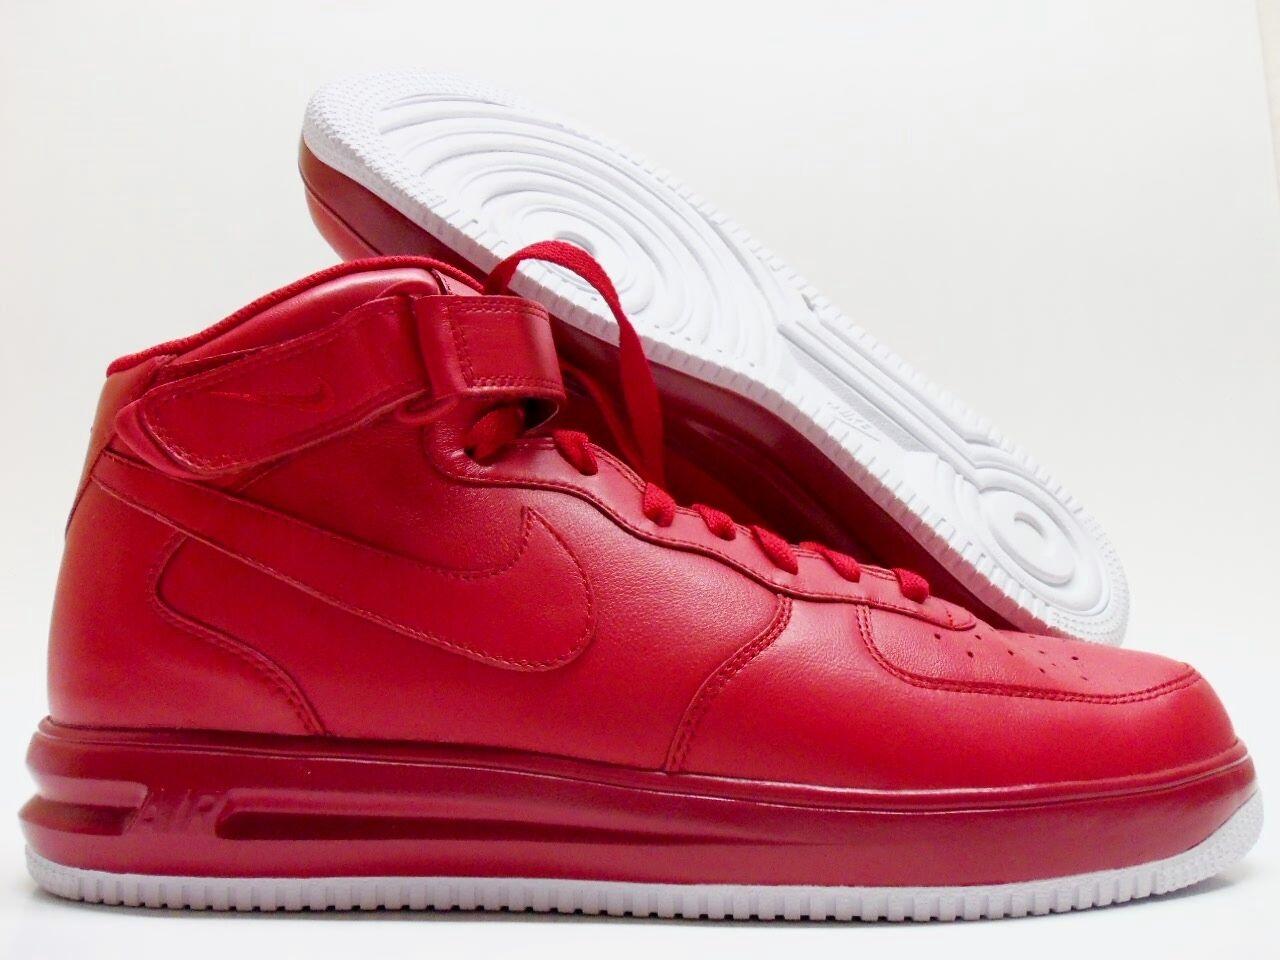 Nike air force di alto id ottobre rosso rosso / bianco dimensioni uomini [808790-995]